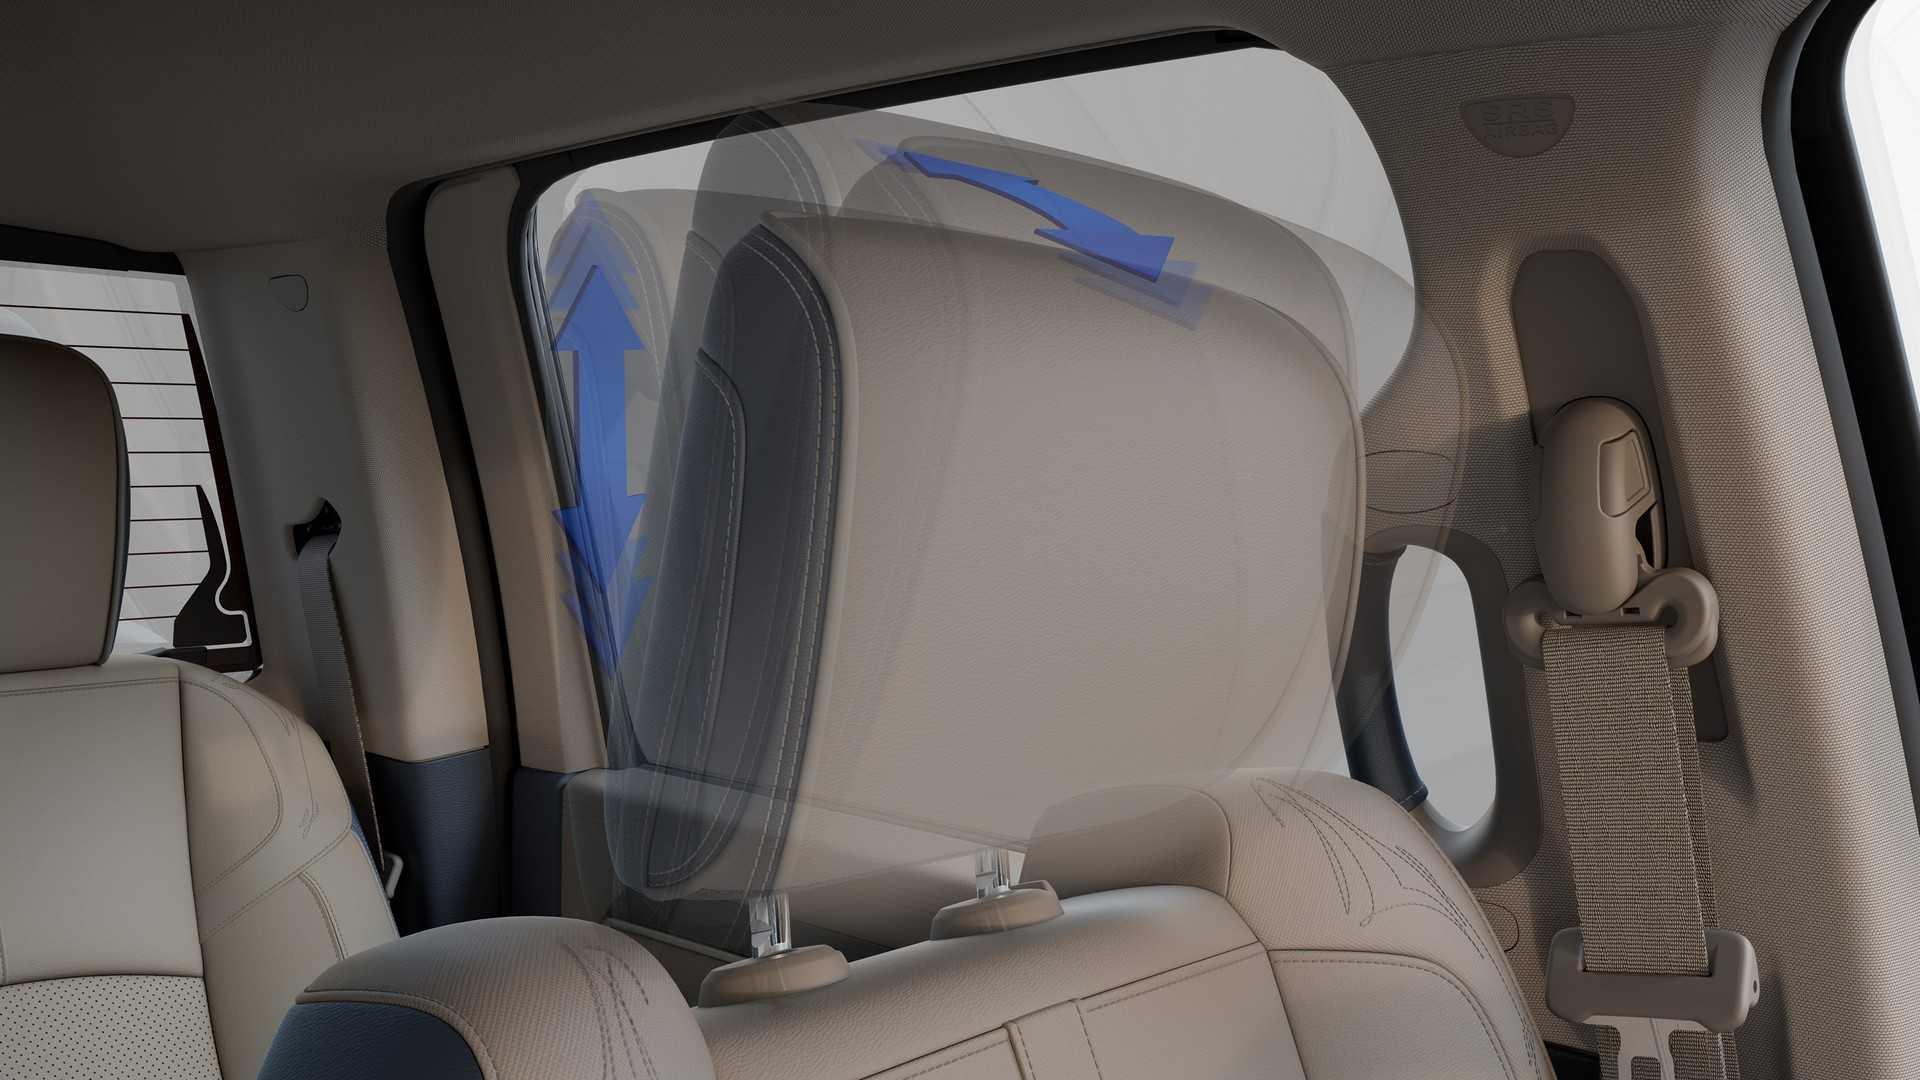 2019-ram-heavy-duty-interior (42)